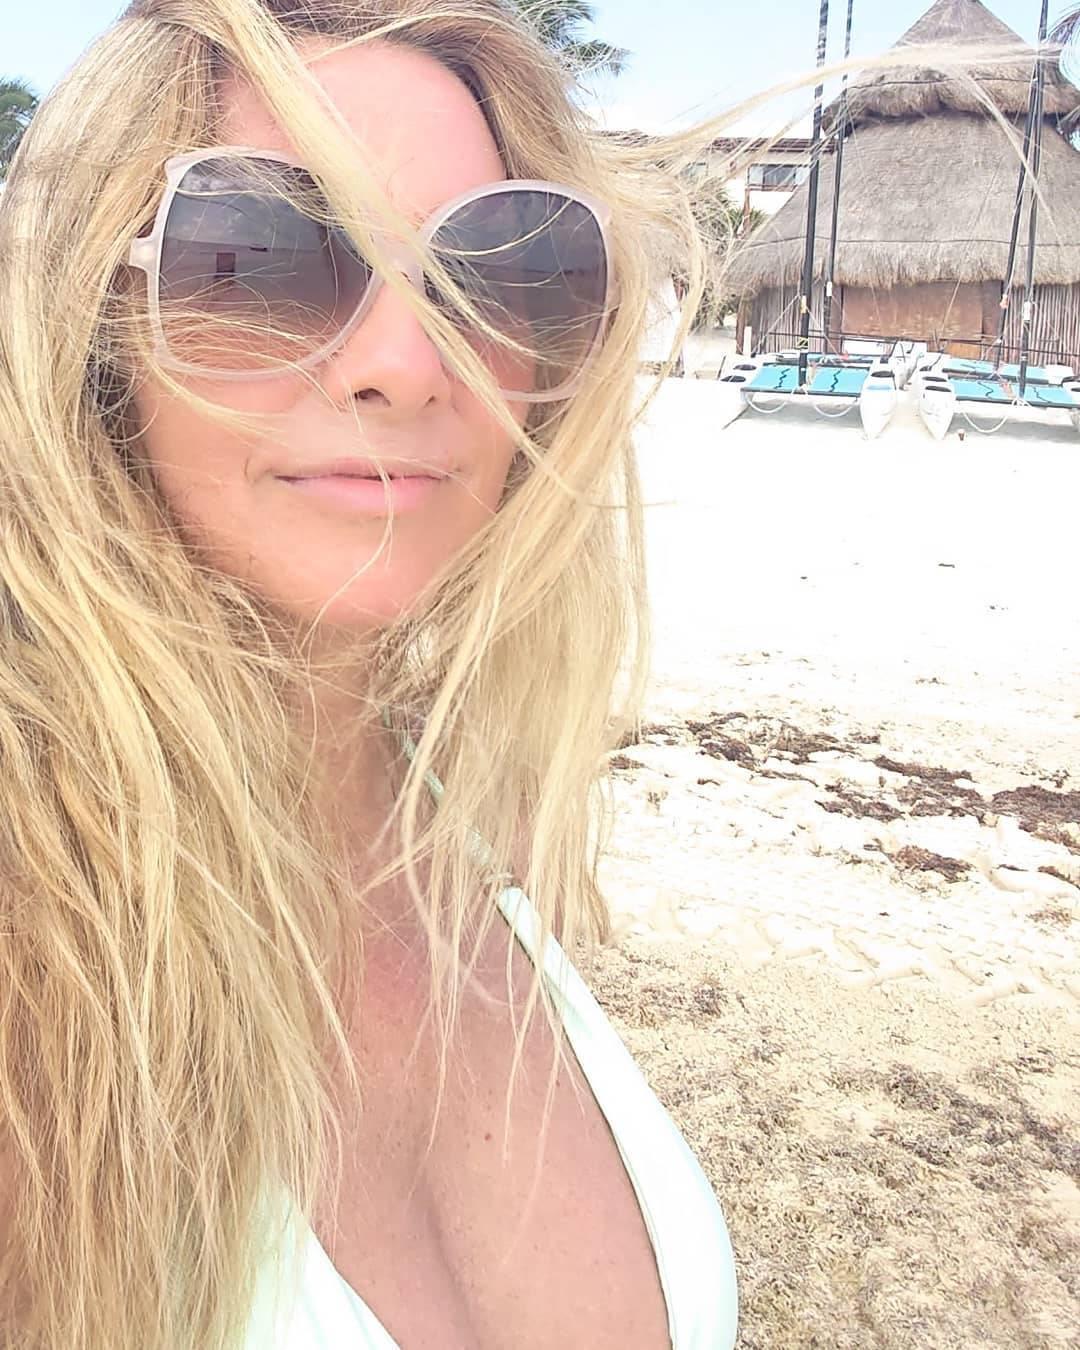 Uživa u suncu: Vlatka Pokos pohvalila se fotkama u badiću